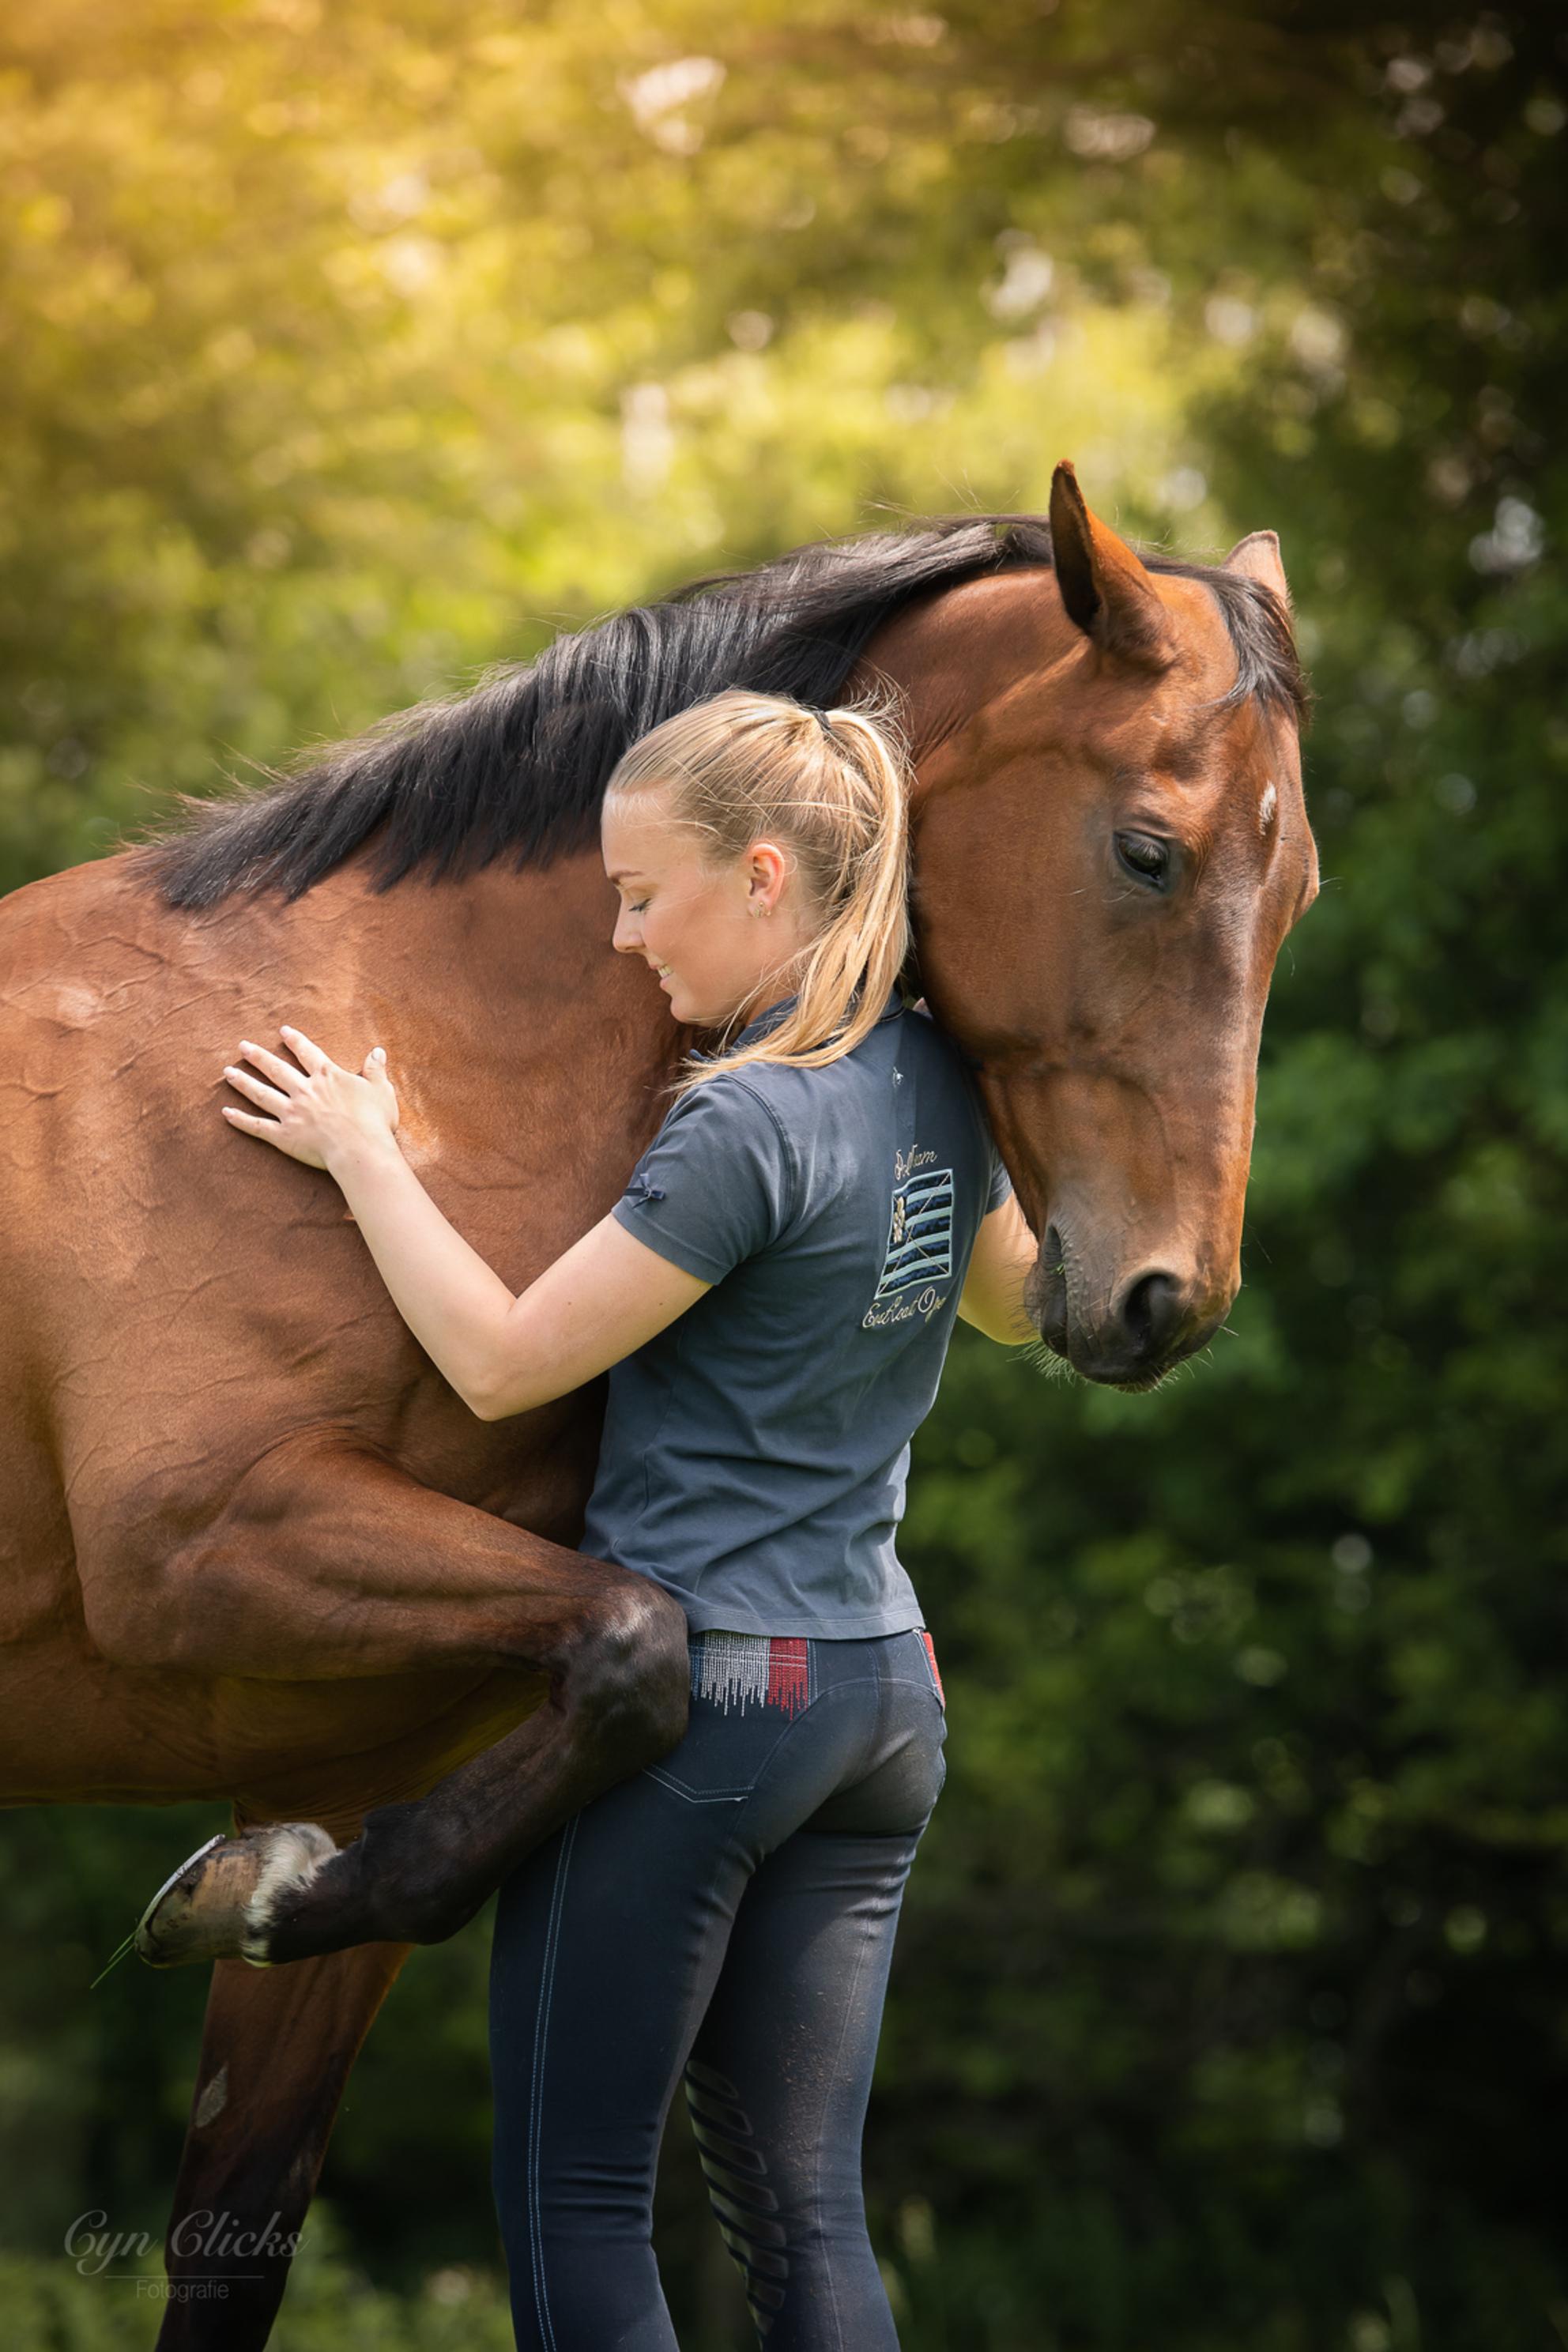 Naomi en Utah - - - foto door iCyn op 17-06-2020 - deze foto bevat: paard, meisje, dame, knuffel, bokeh, kwpn, natuurlijk licht - Deze foto mag gebruikt worden in een Zoom.nl publicatie